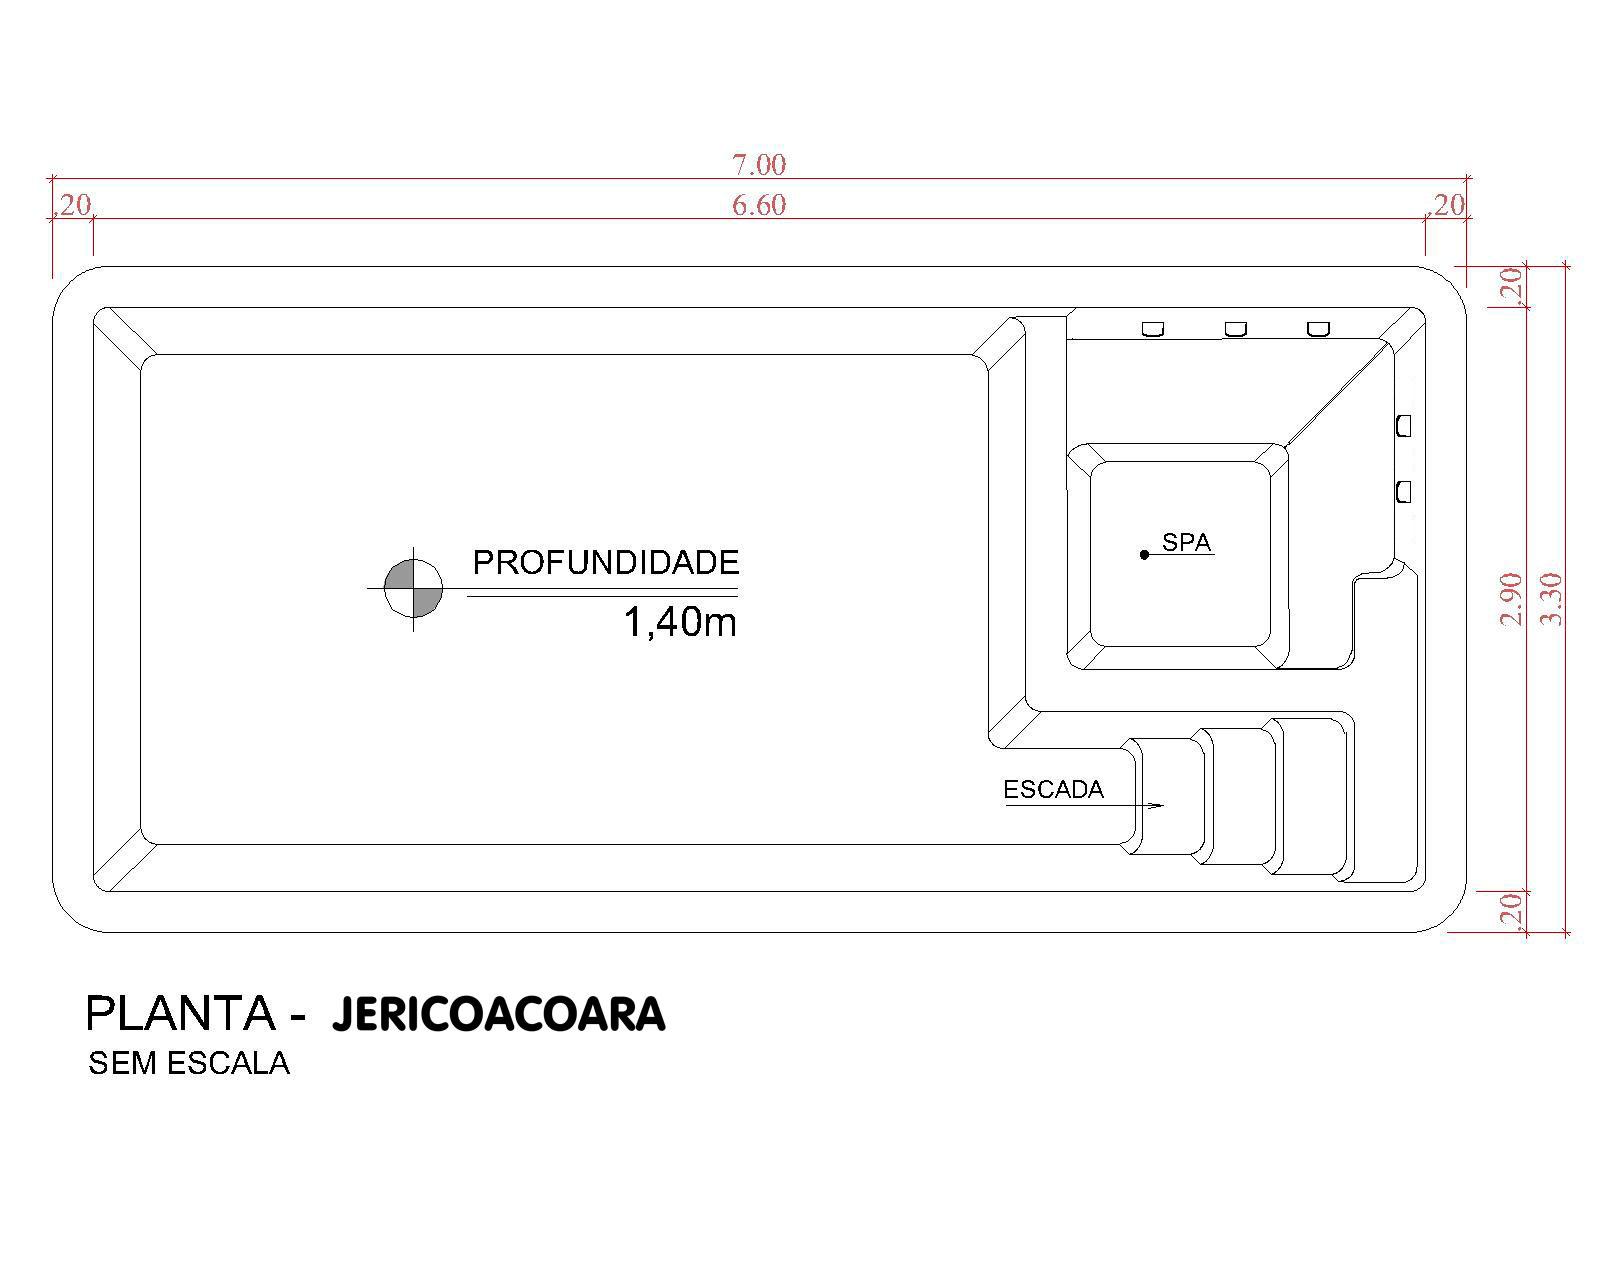 Desenho técnico Jericoacoara (sem escala)